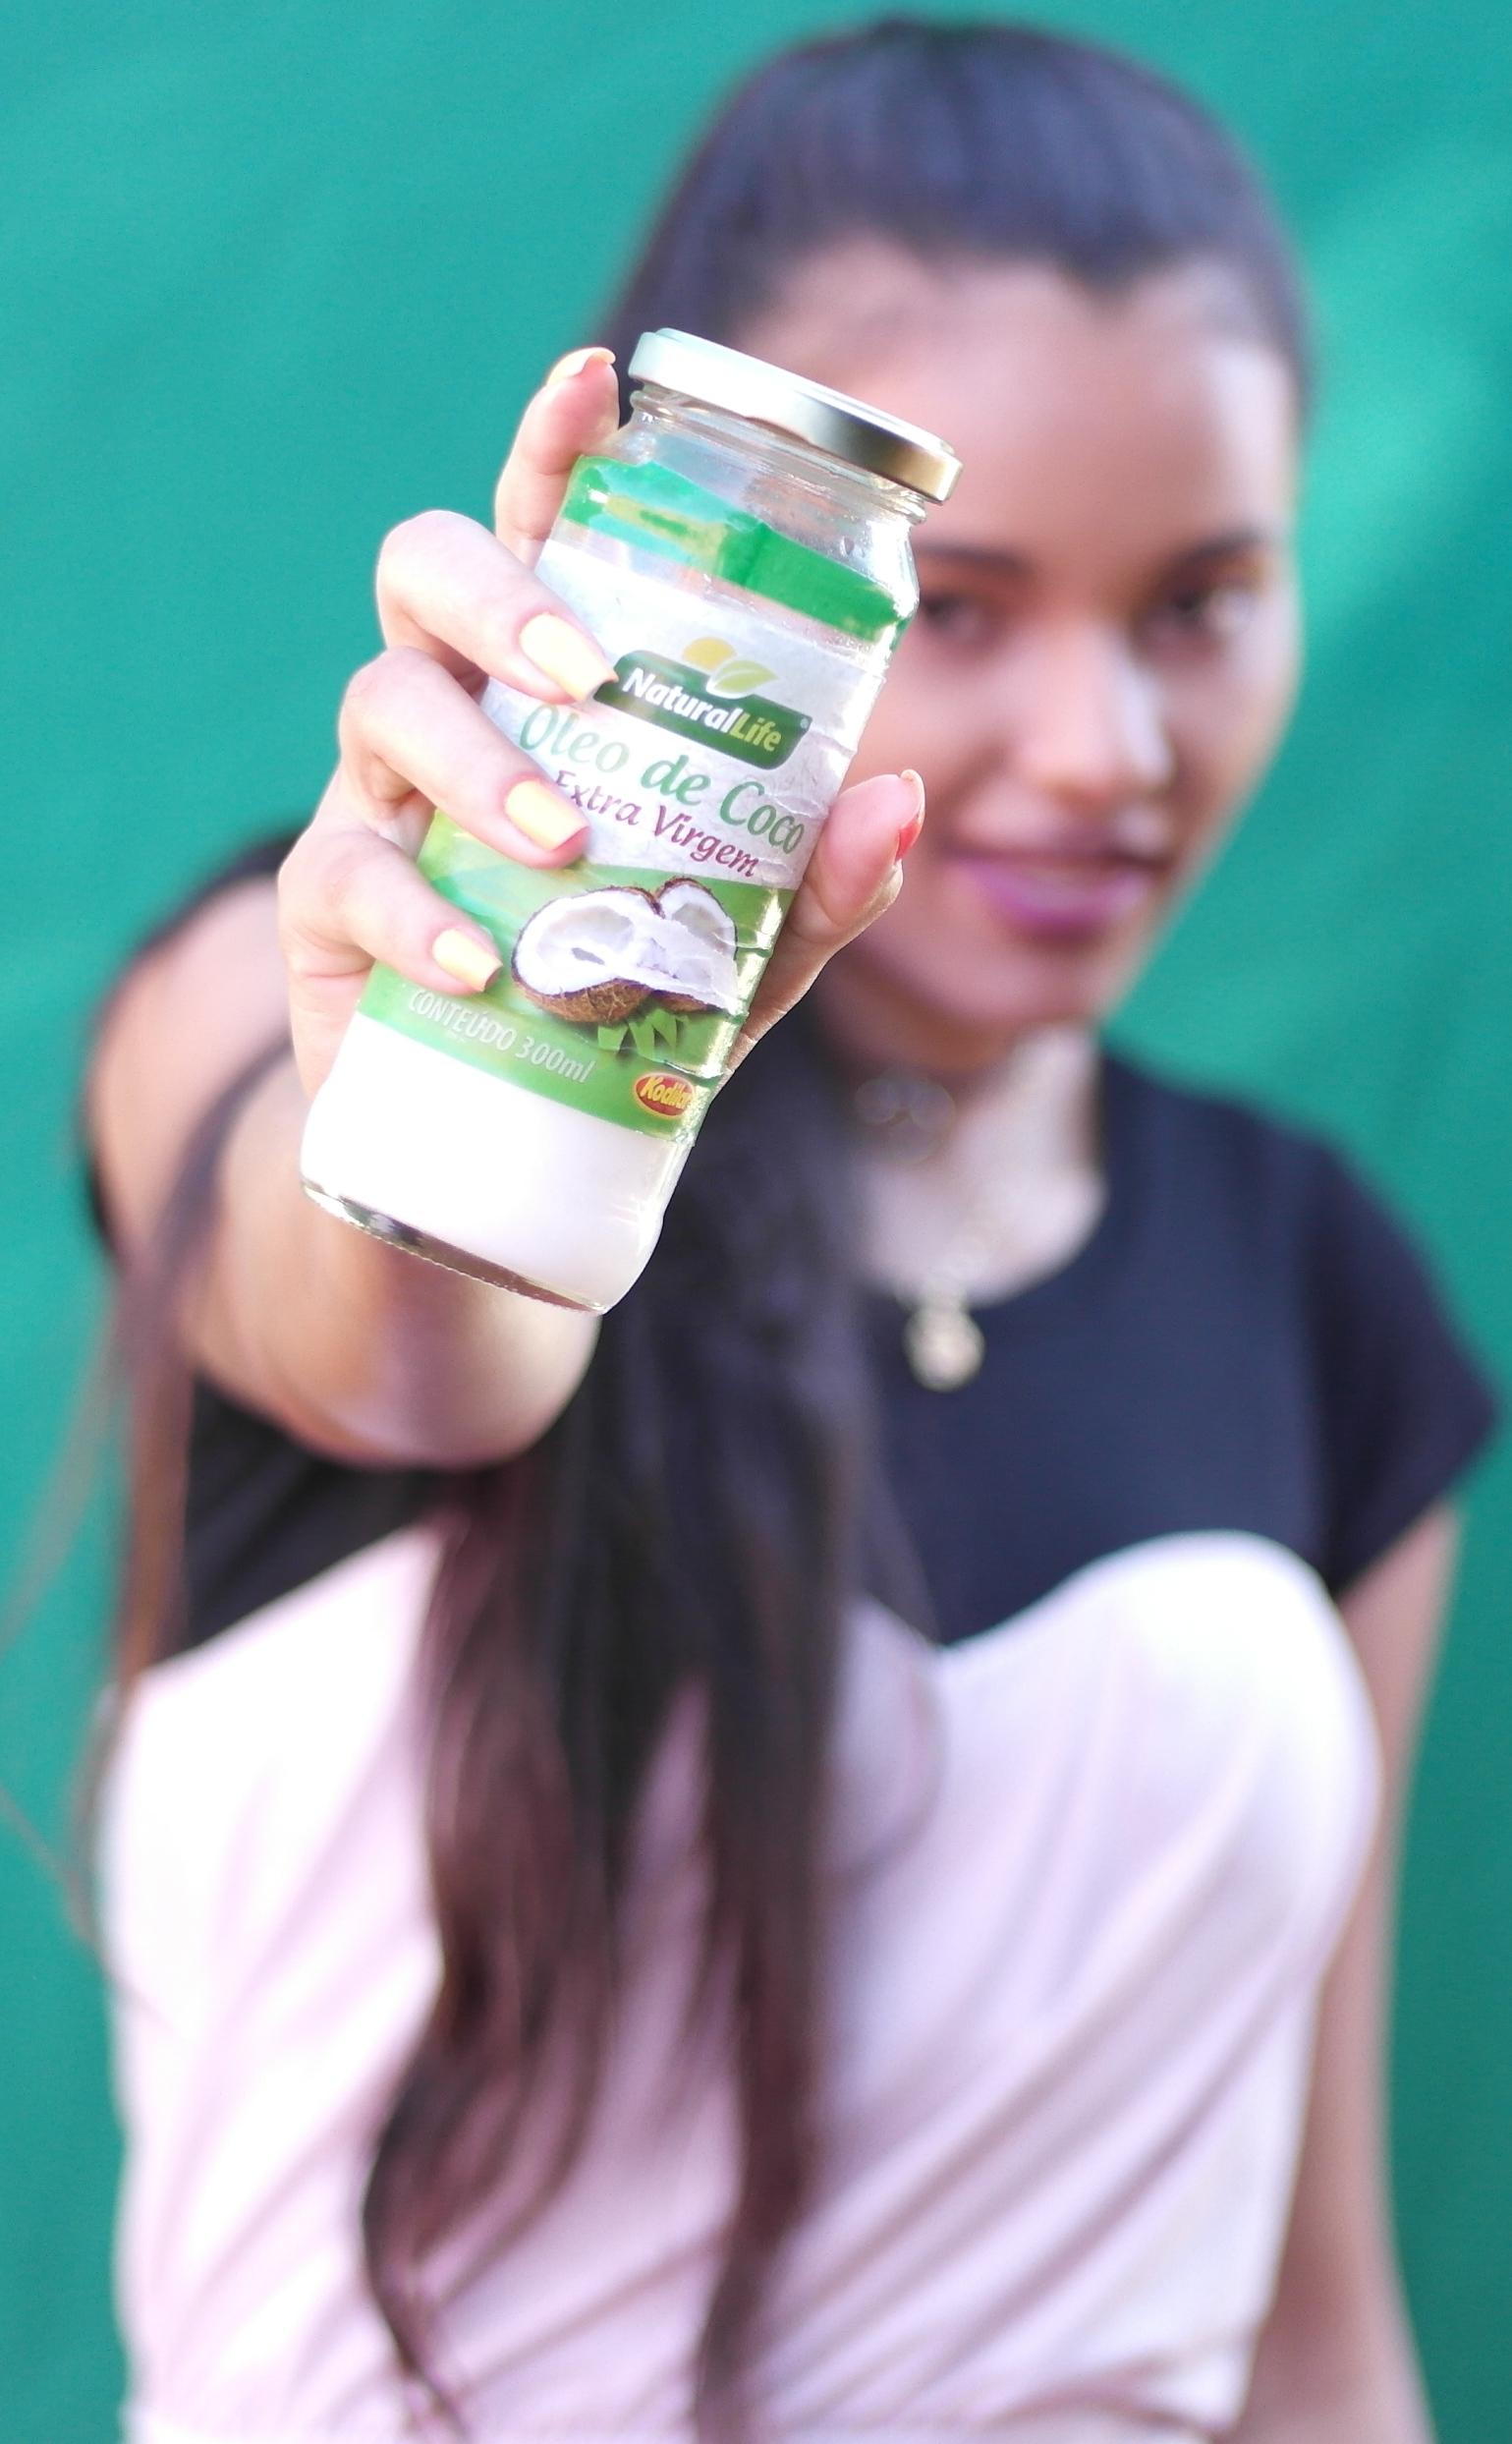 óleo de coco extra-virgem